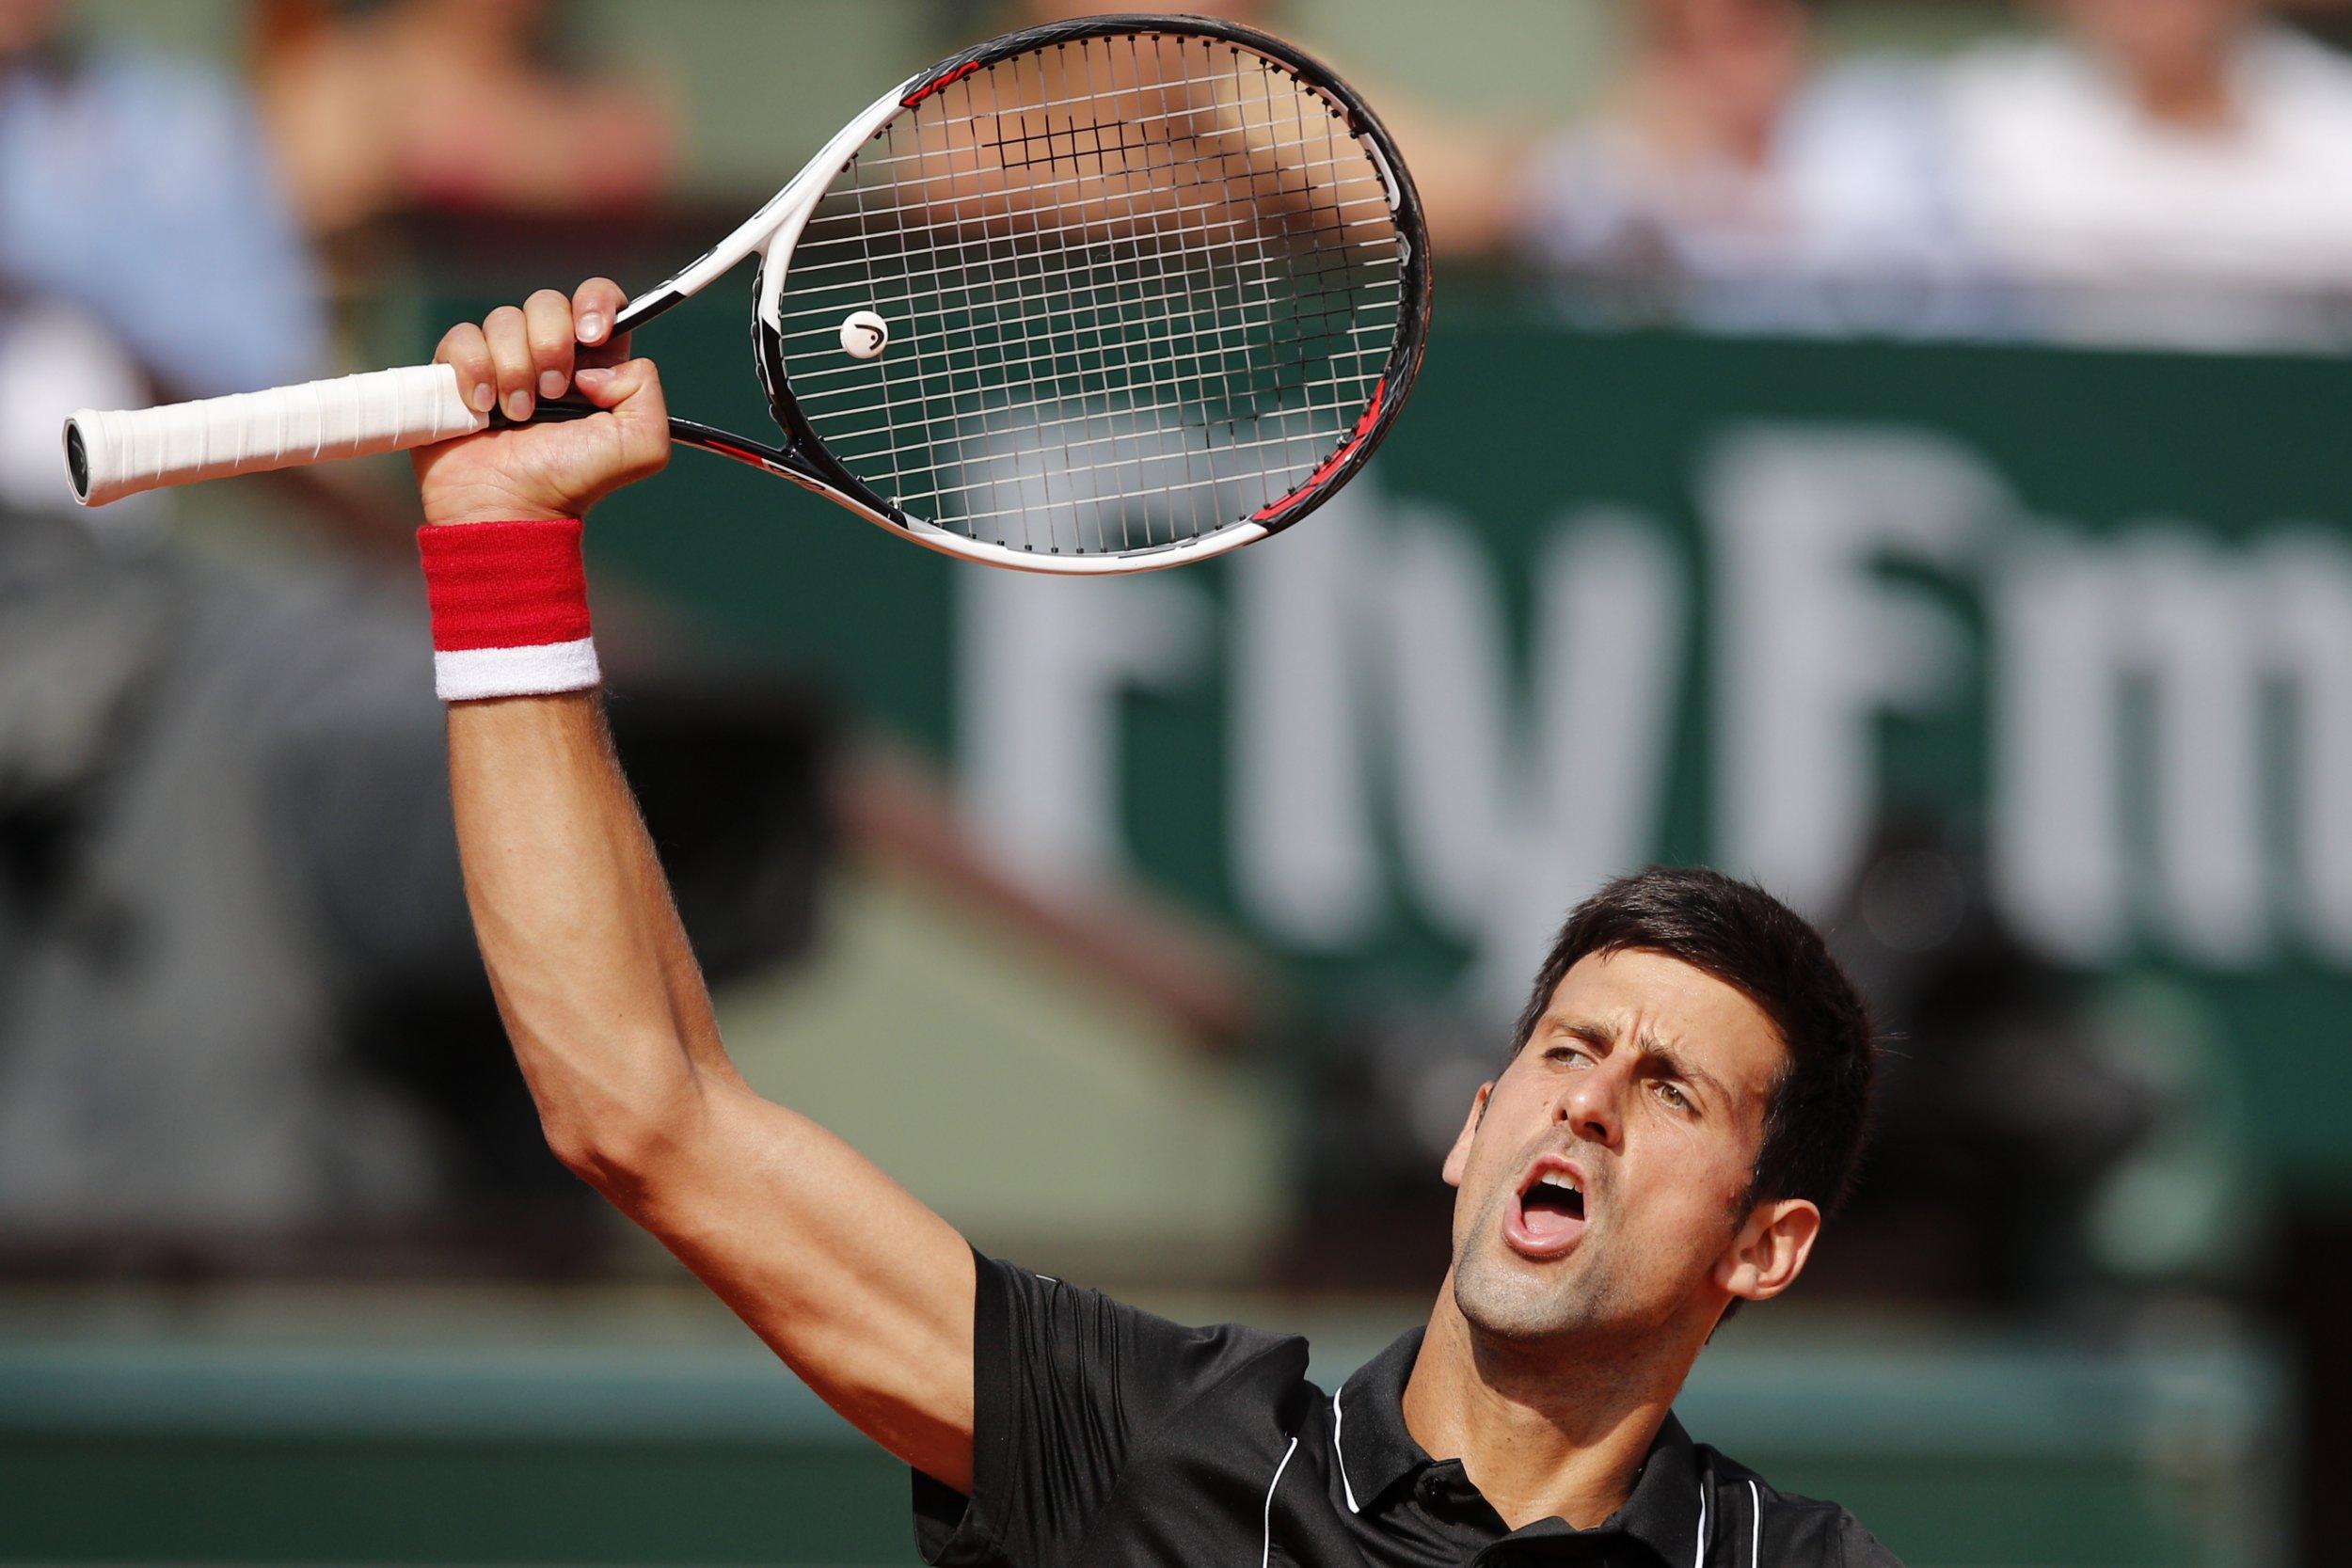 Novak Djokovic storms into French Open quarter-finals after downing Fernando Verdasco